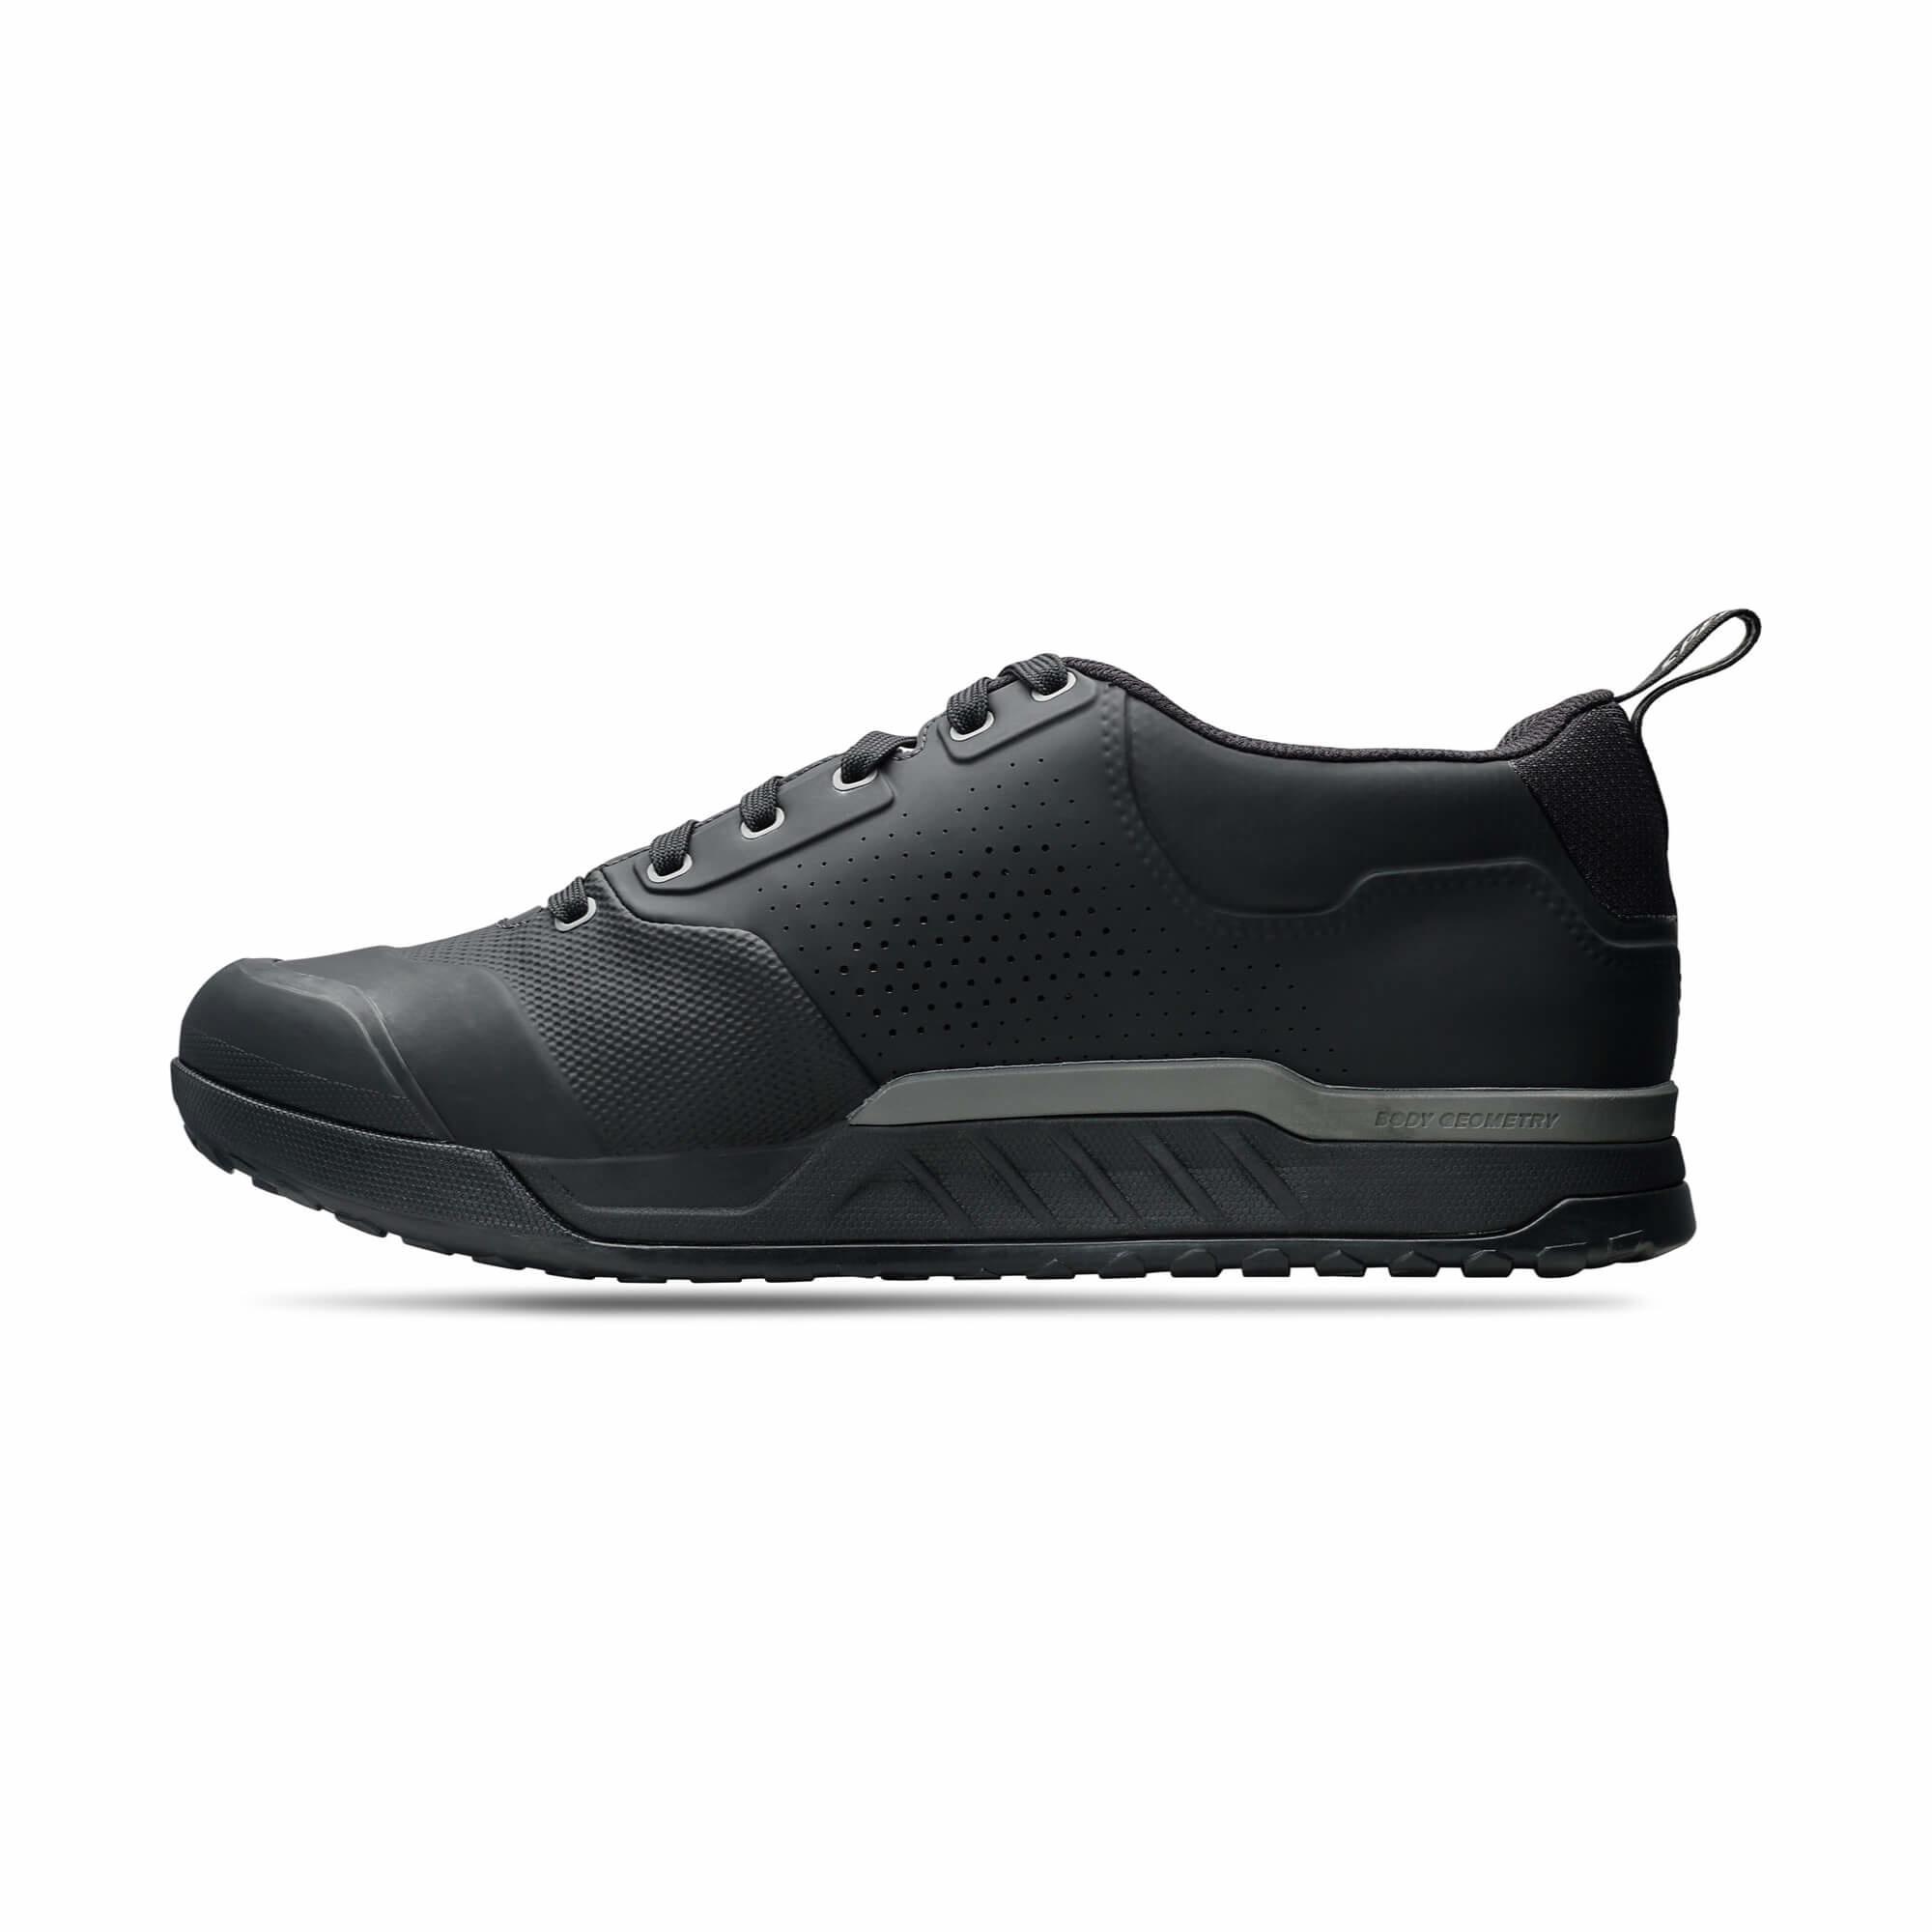 2FO Flat 2.0 MTB Shoe-3